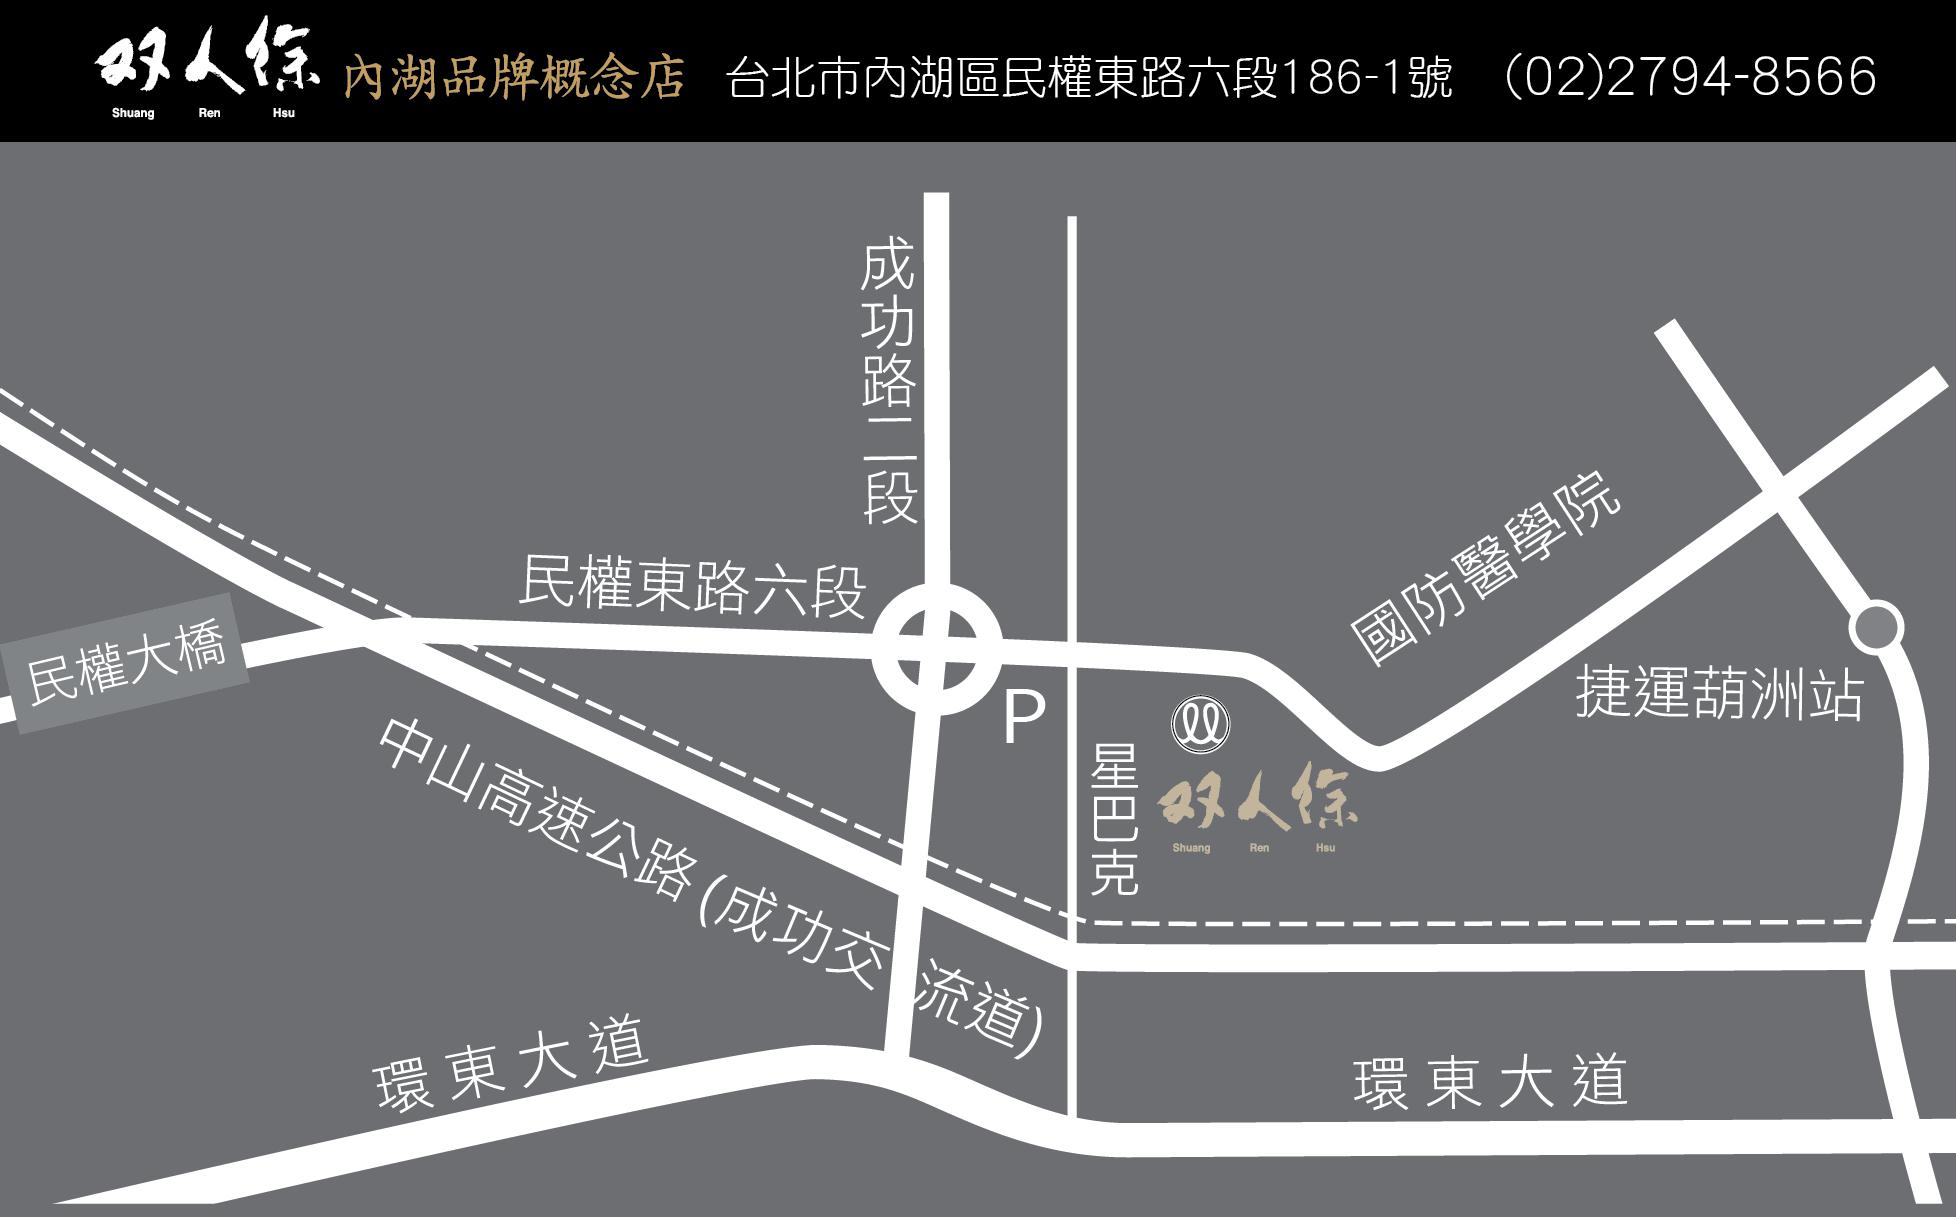 內湖概念店MAP地圖(點選可放大)